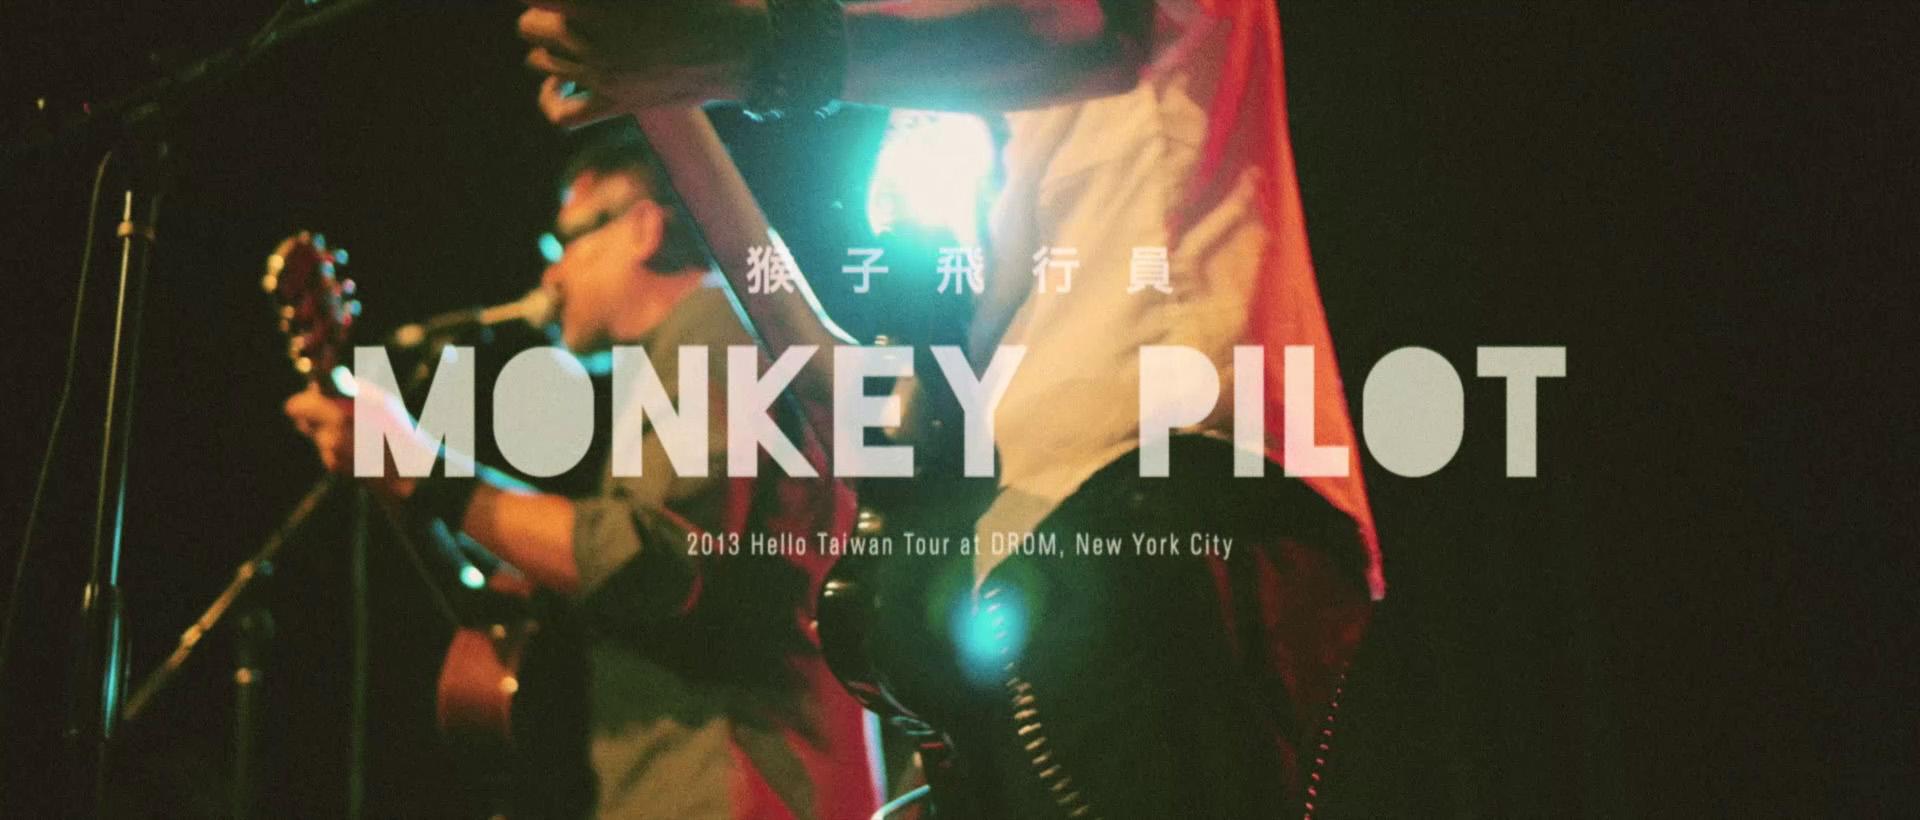 MonkeyPilot_in_NY_by_Stanley_Hsu.jpg